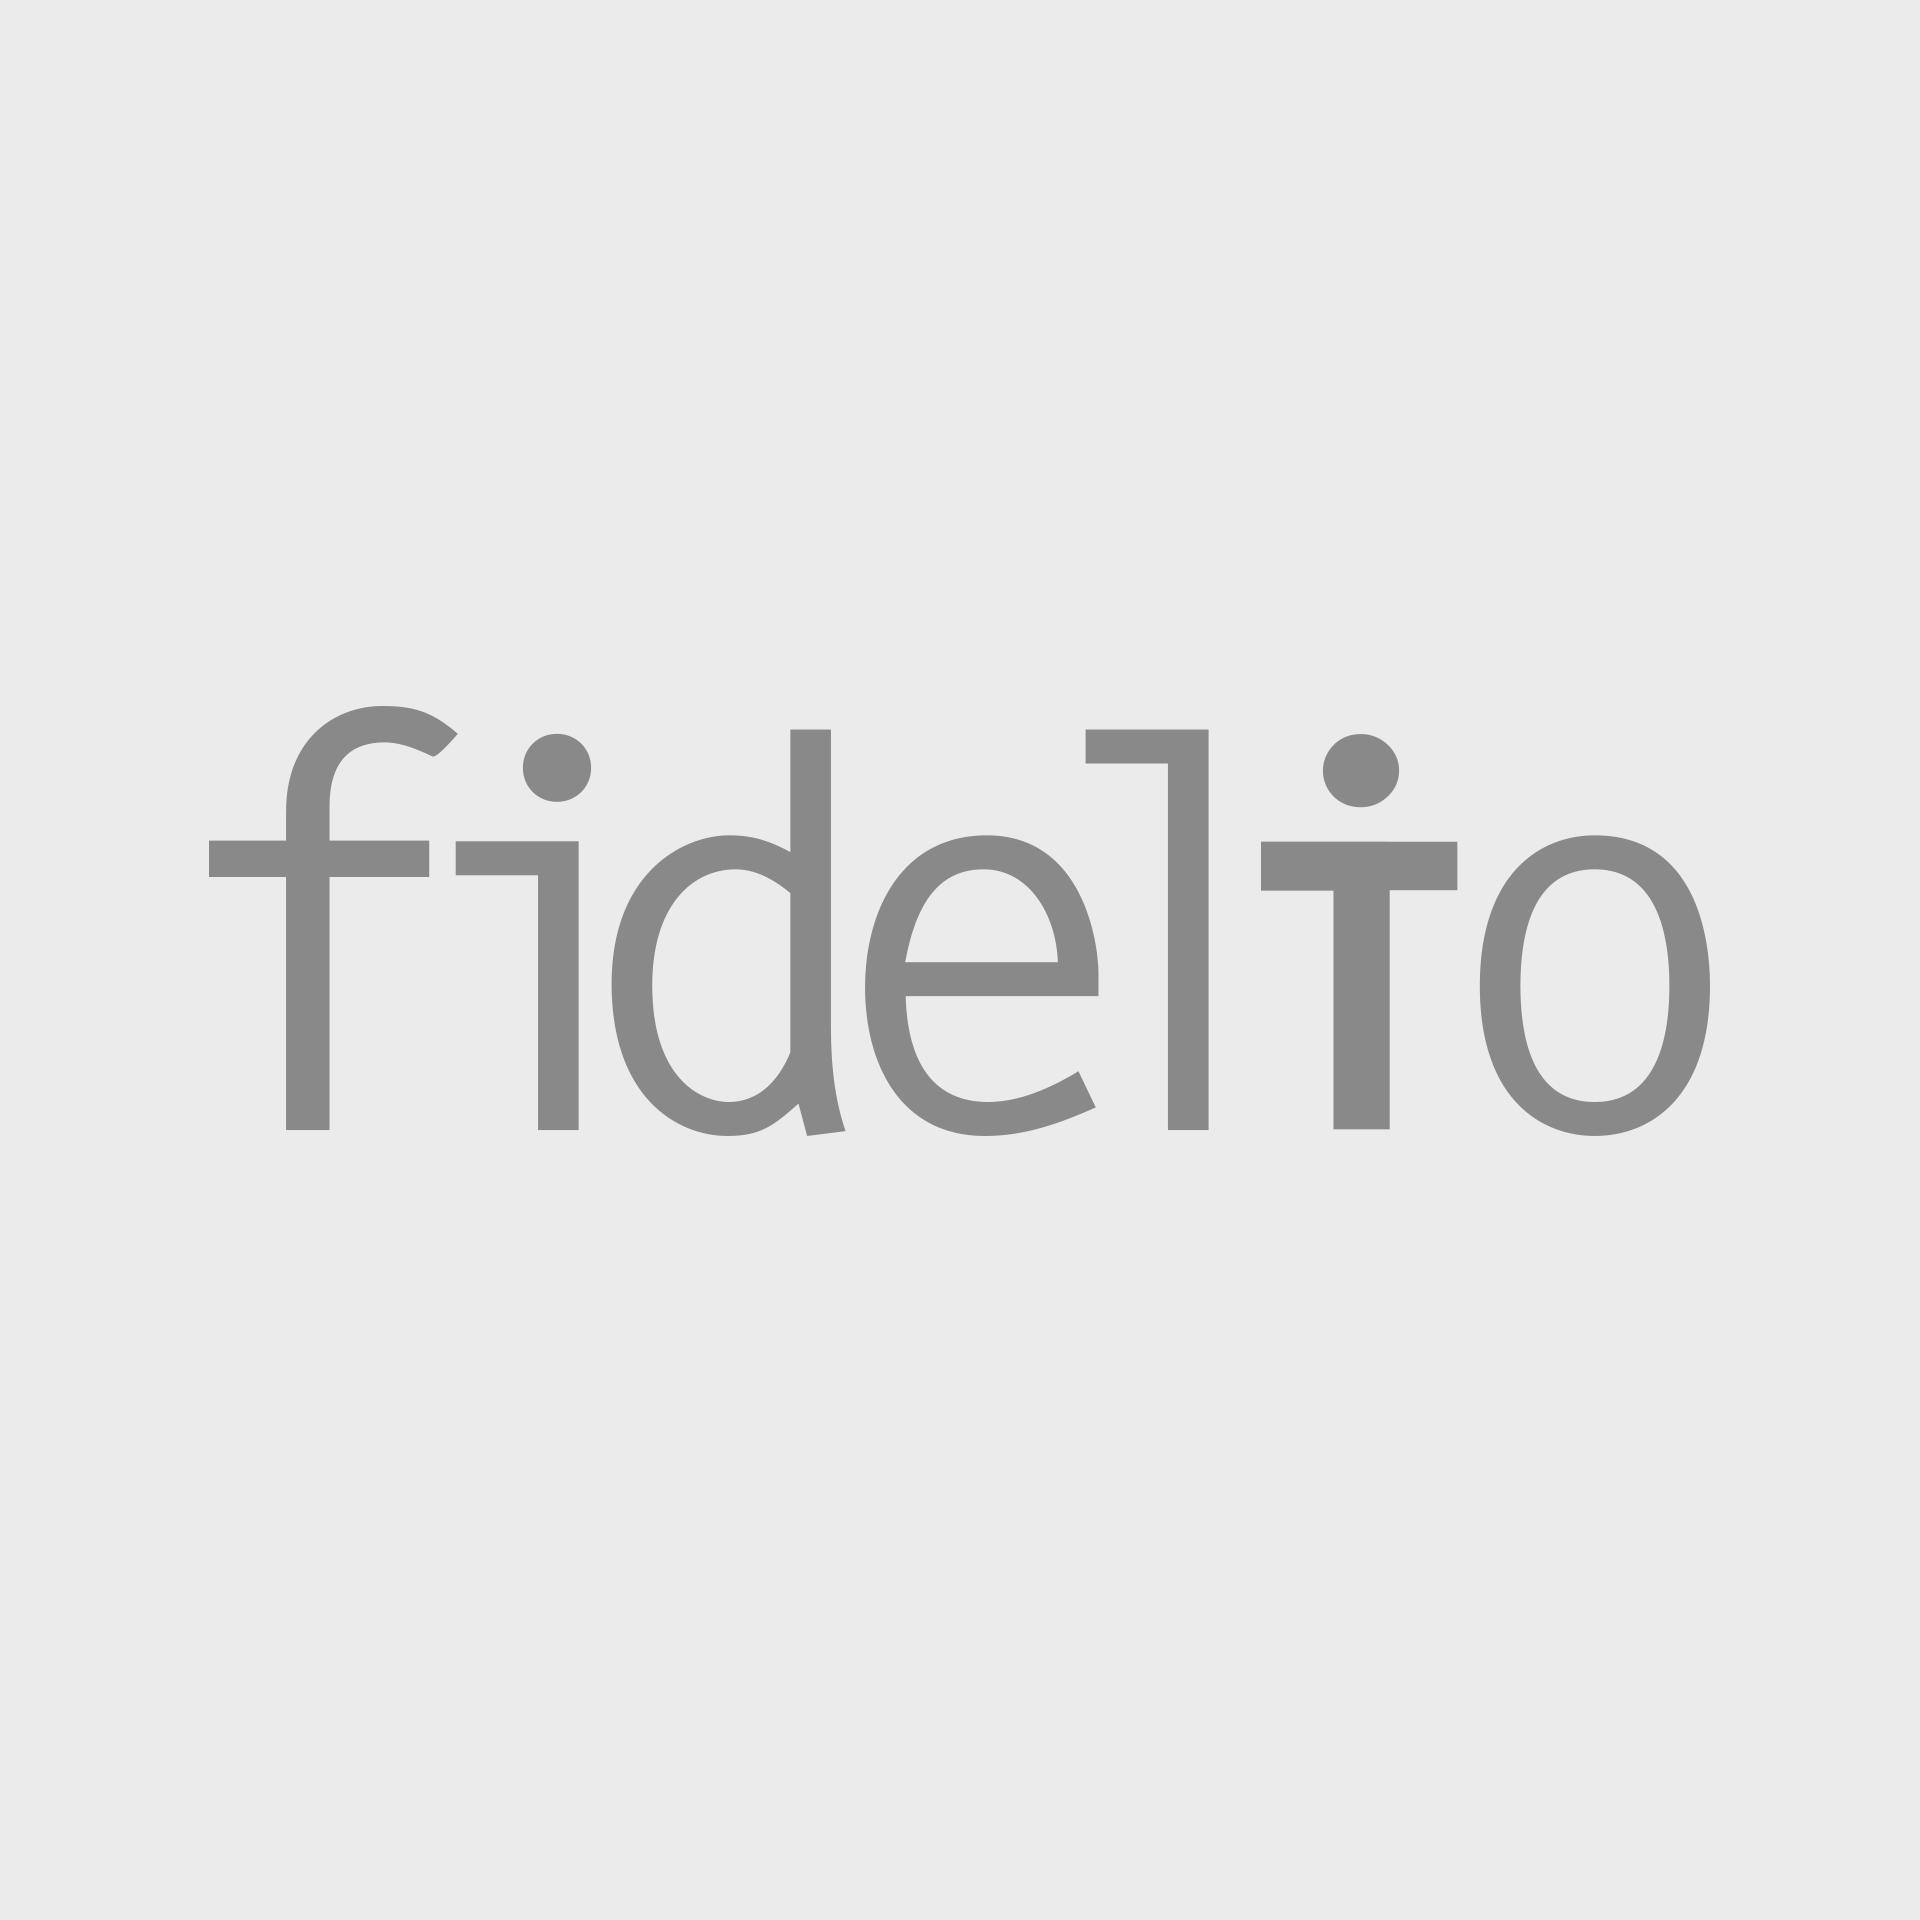 SZFE-blokád: A rendőrség szerint nem jelent rendbontást az egyetemfoglalás